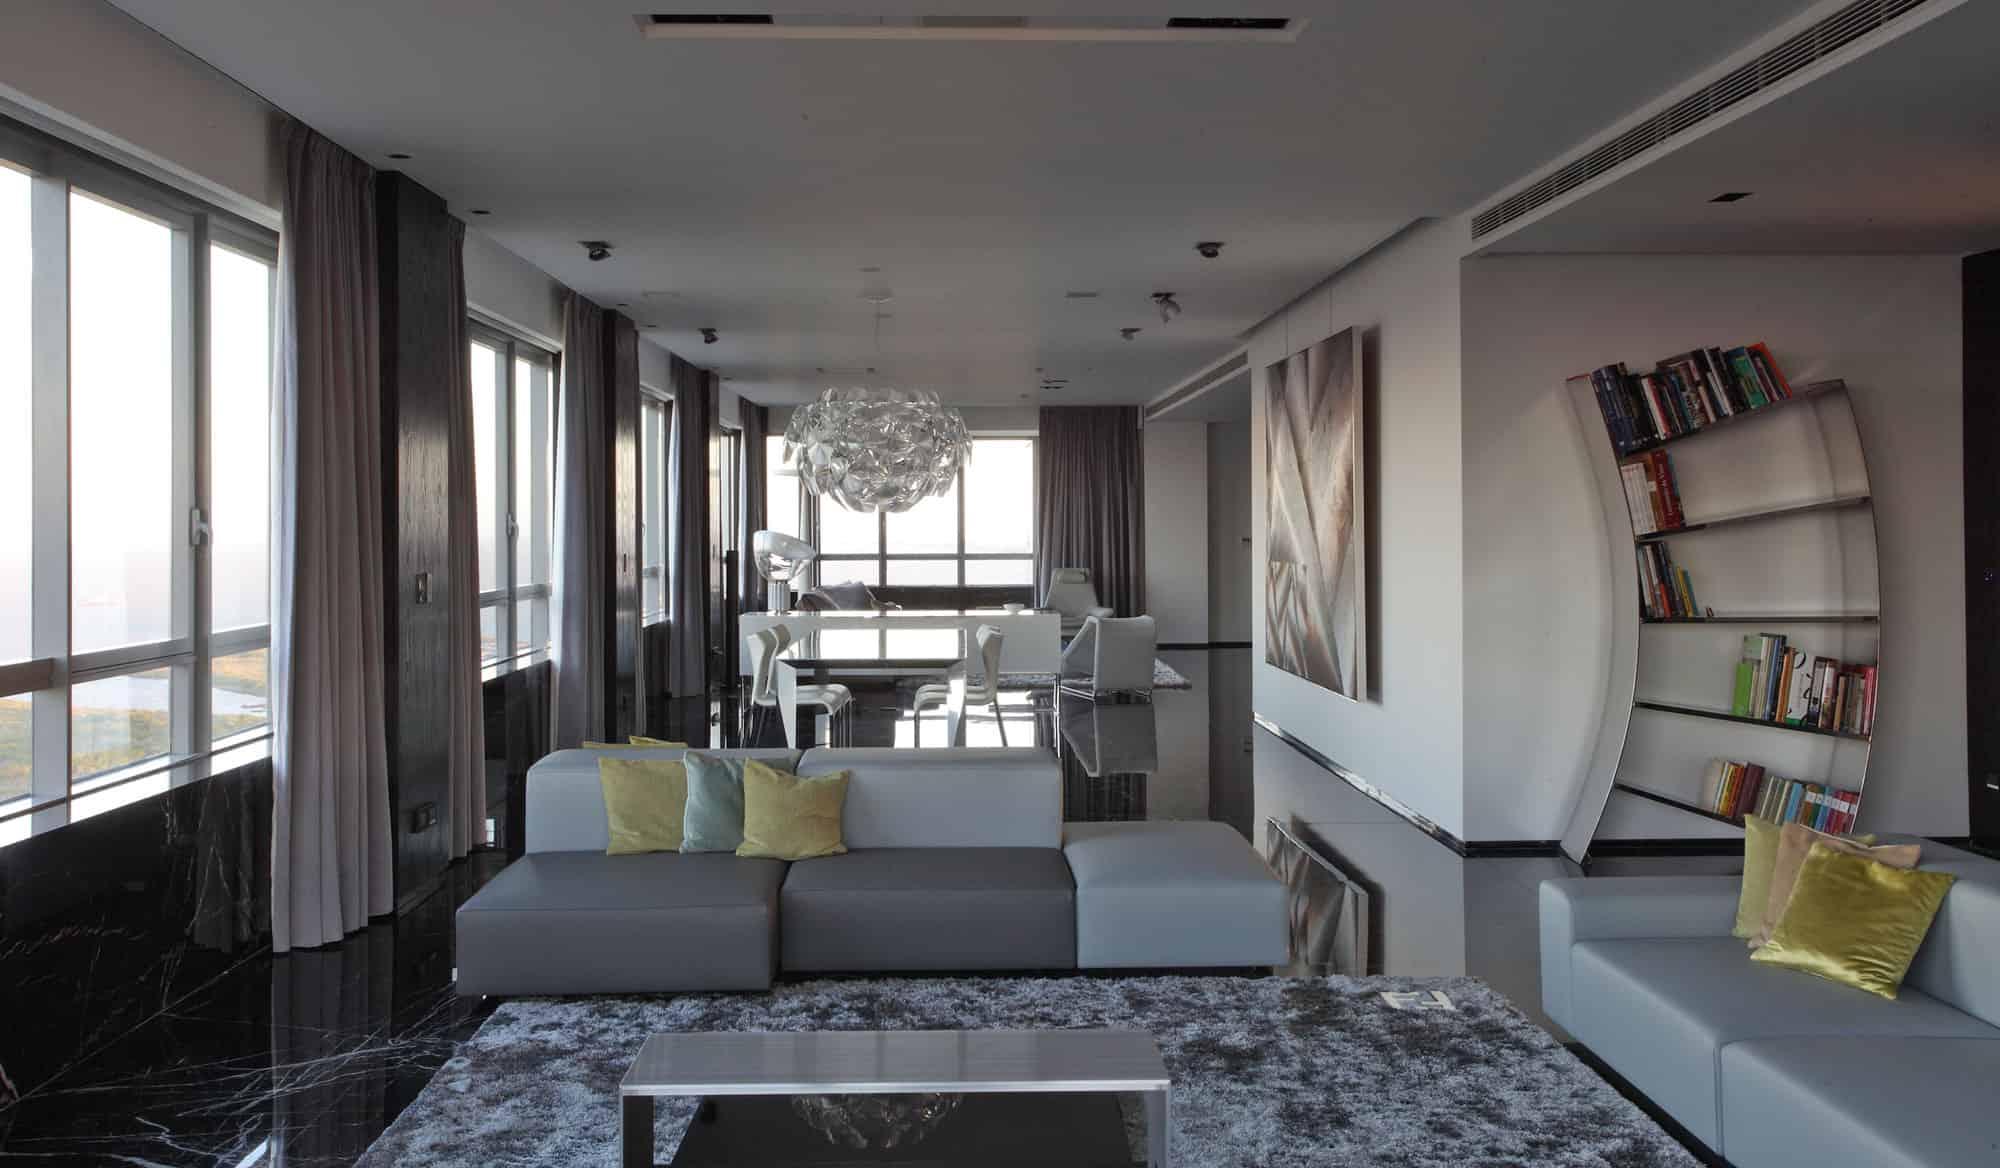 Departamento en Torres del Faro by vEstudio Arquitect. (1)